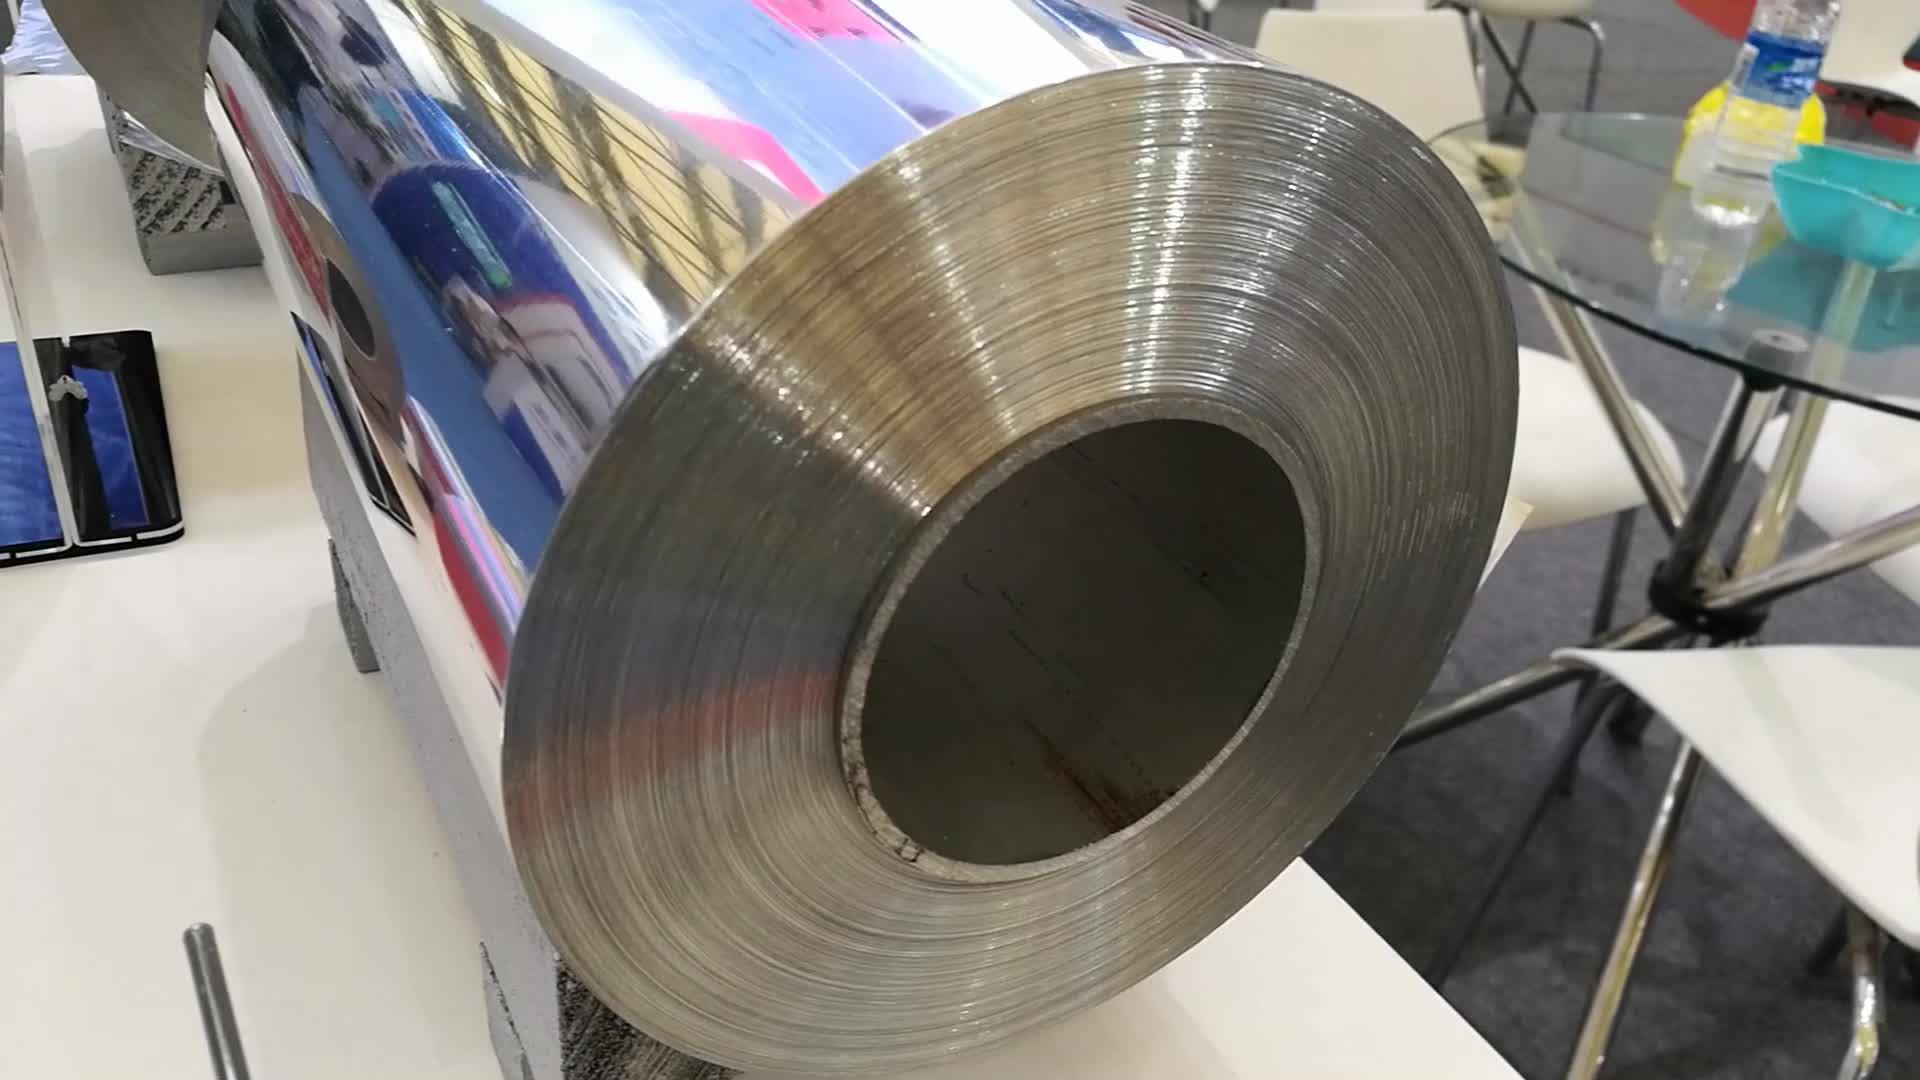 8011 extra breite HHF Haushalts Aluminium Folie für Folie Backen Trays Einweg Folie Tabletts & Deckel